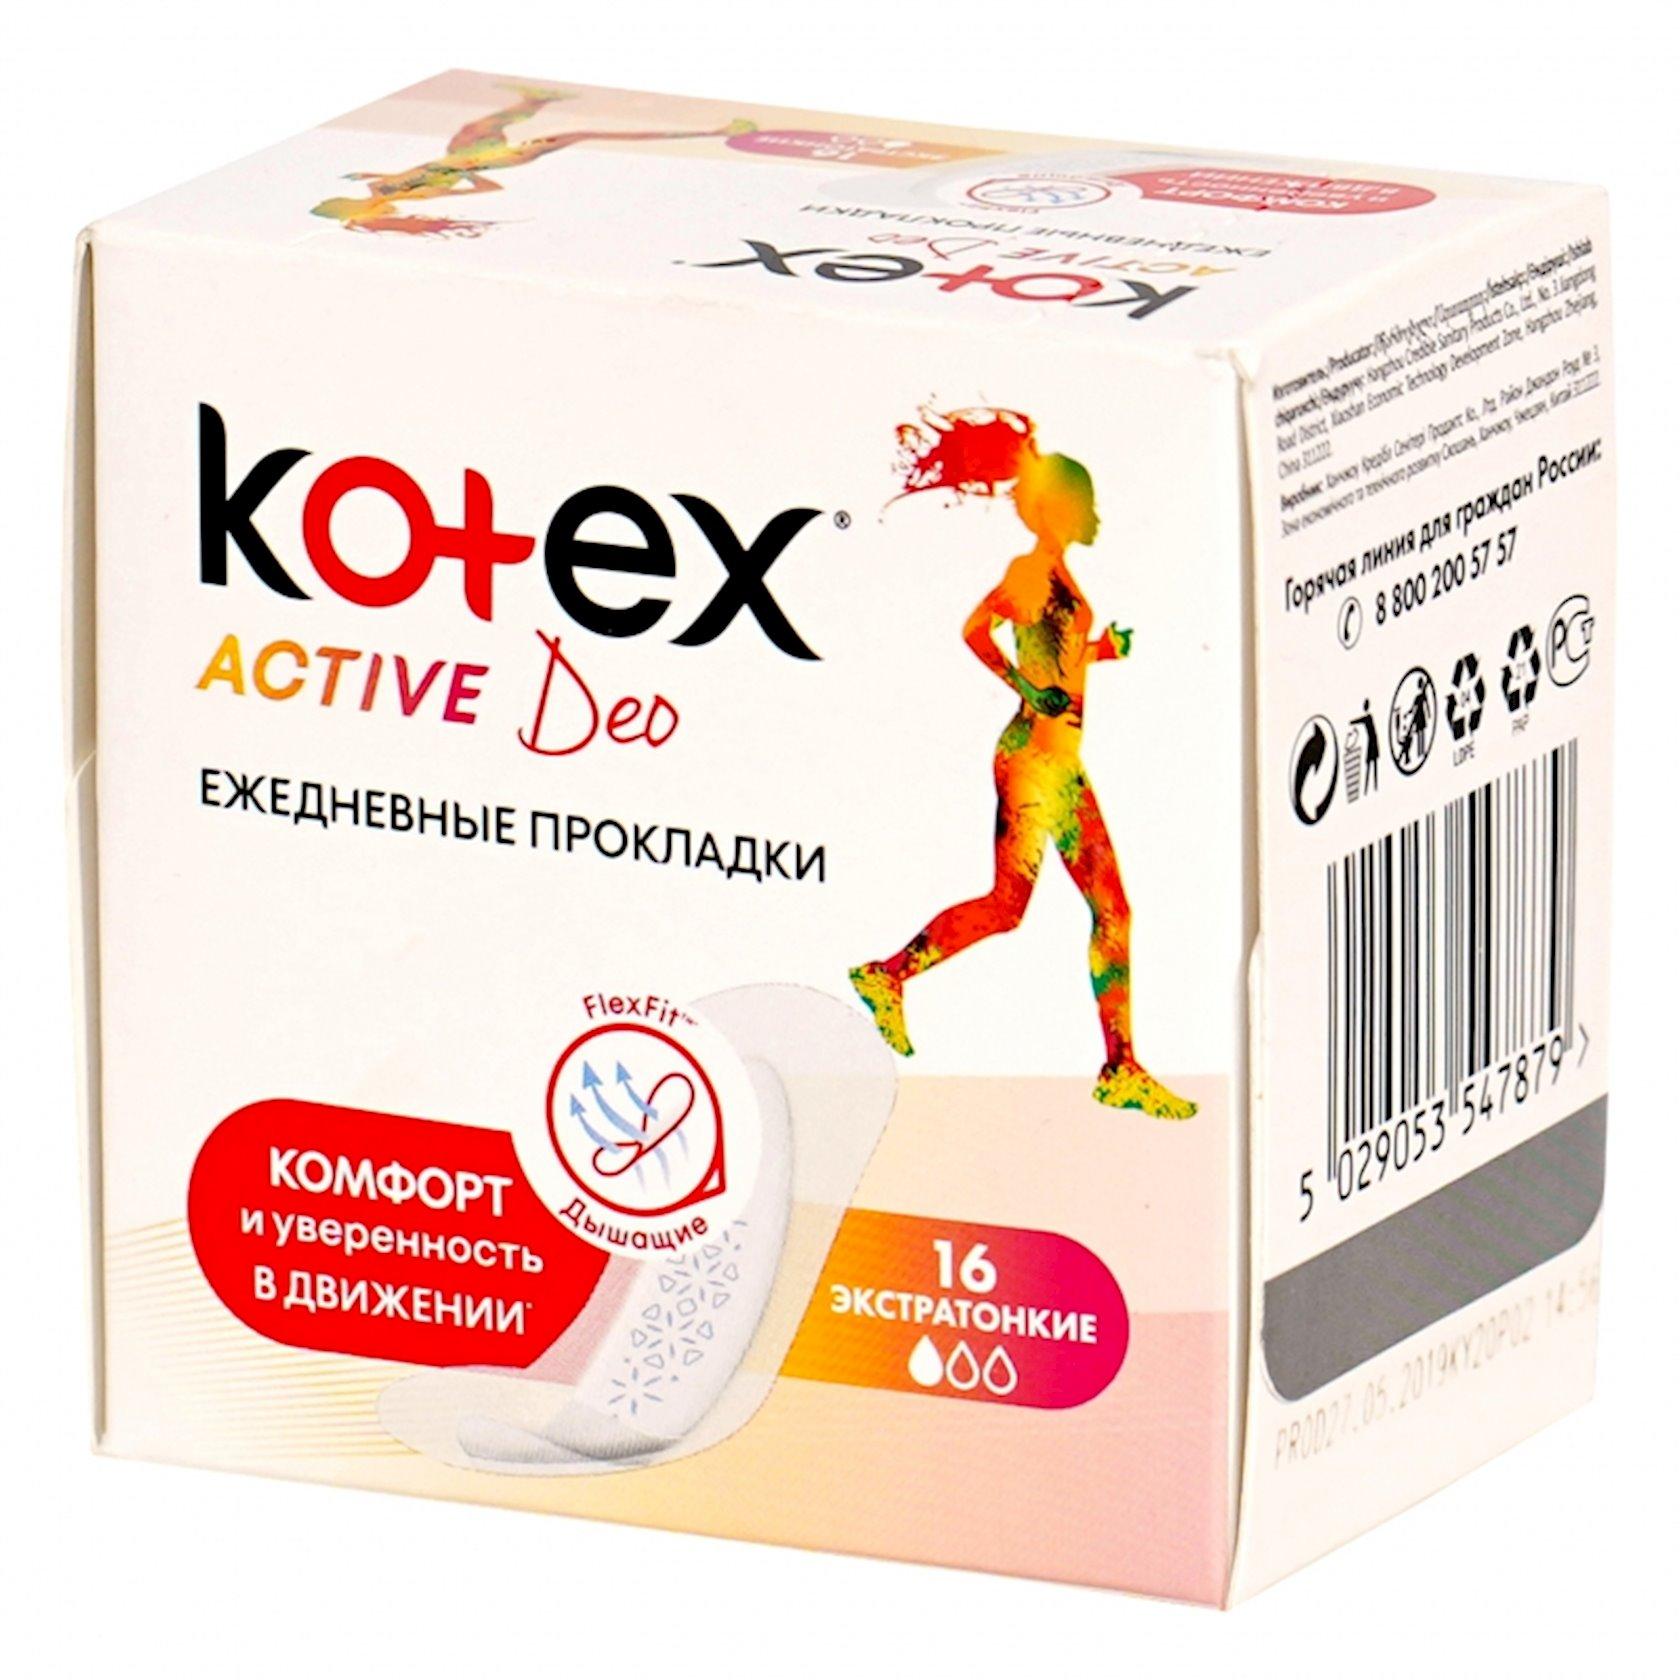 Gündəlik bezlər Kotex Active Deo, 16əd.